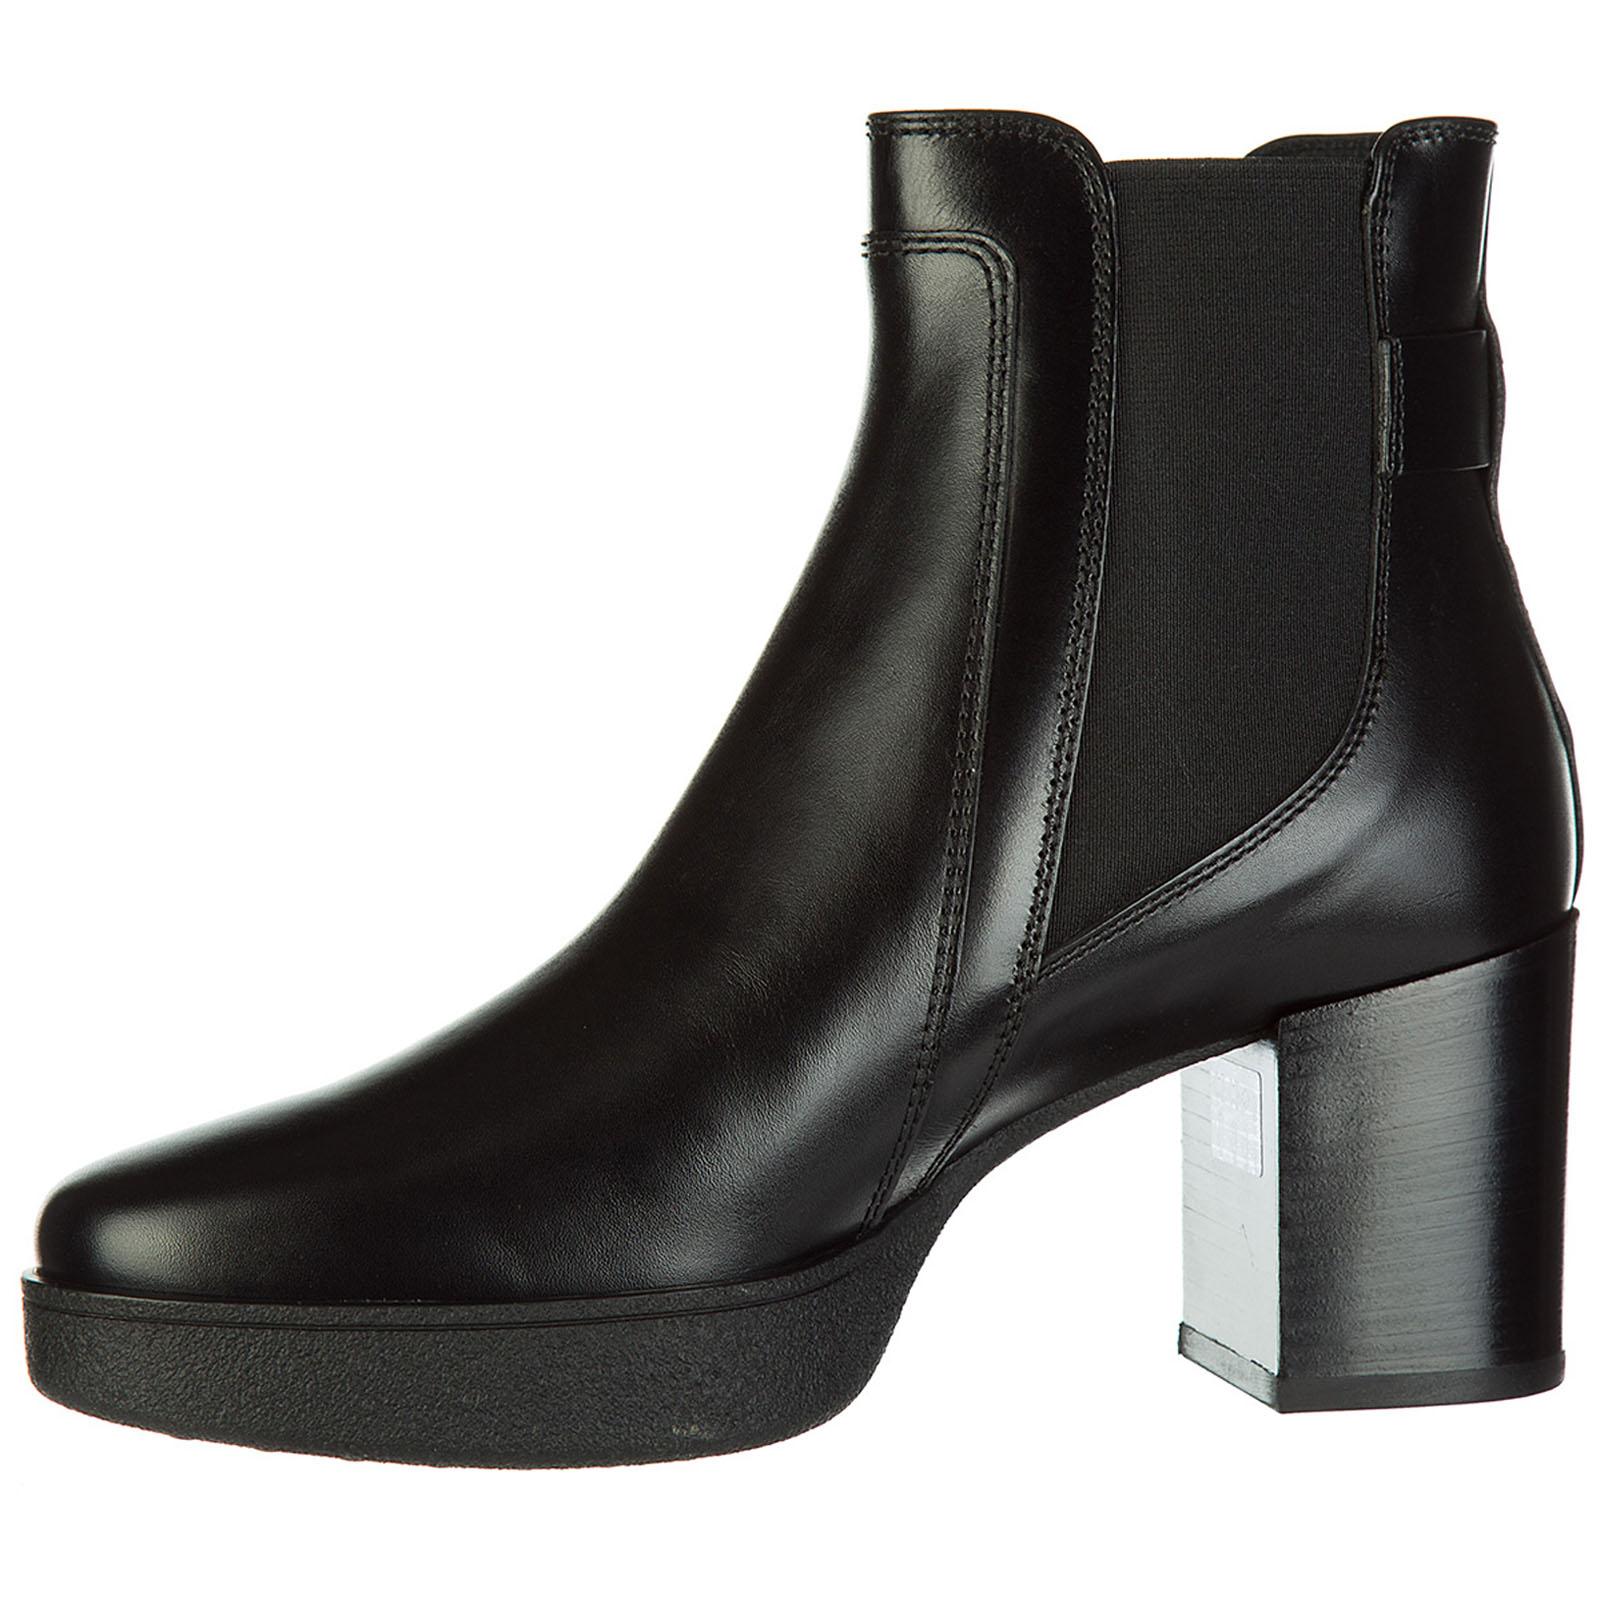 Botines de tacón botas mujer en piel